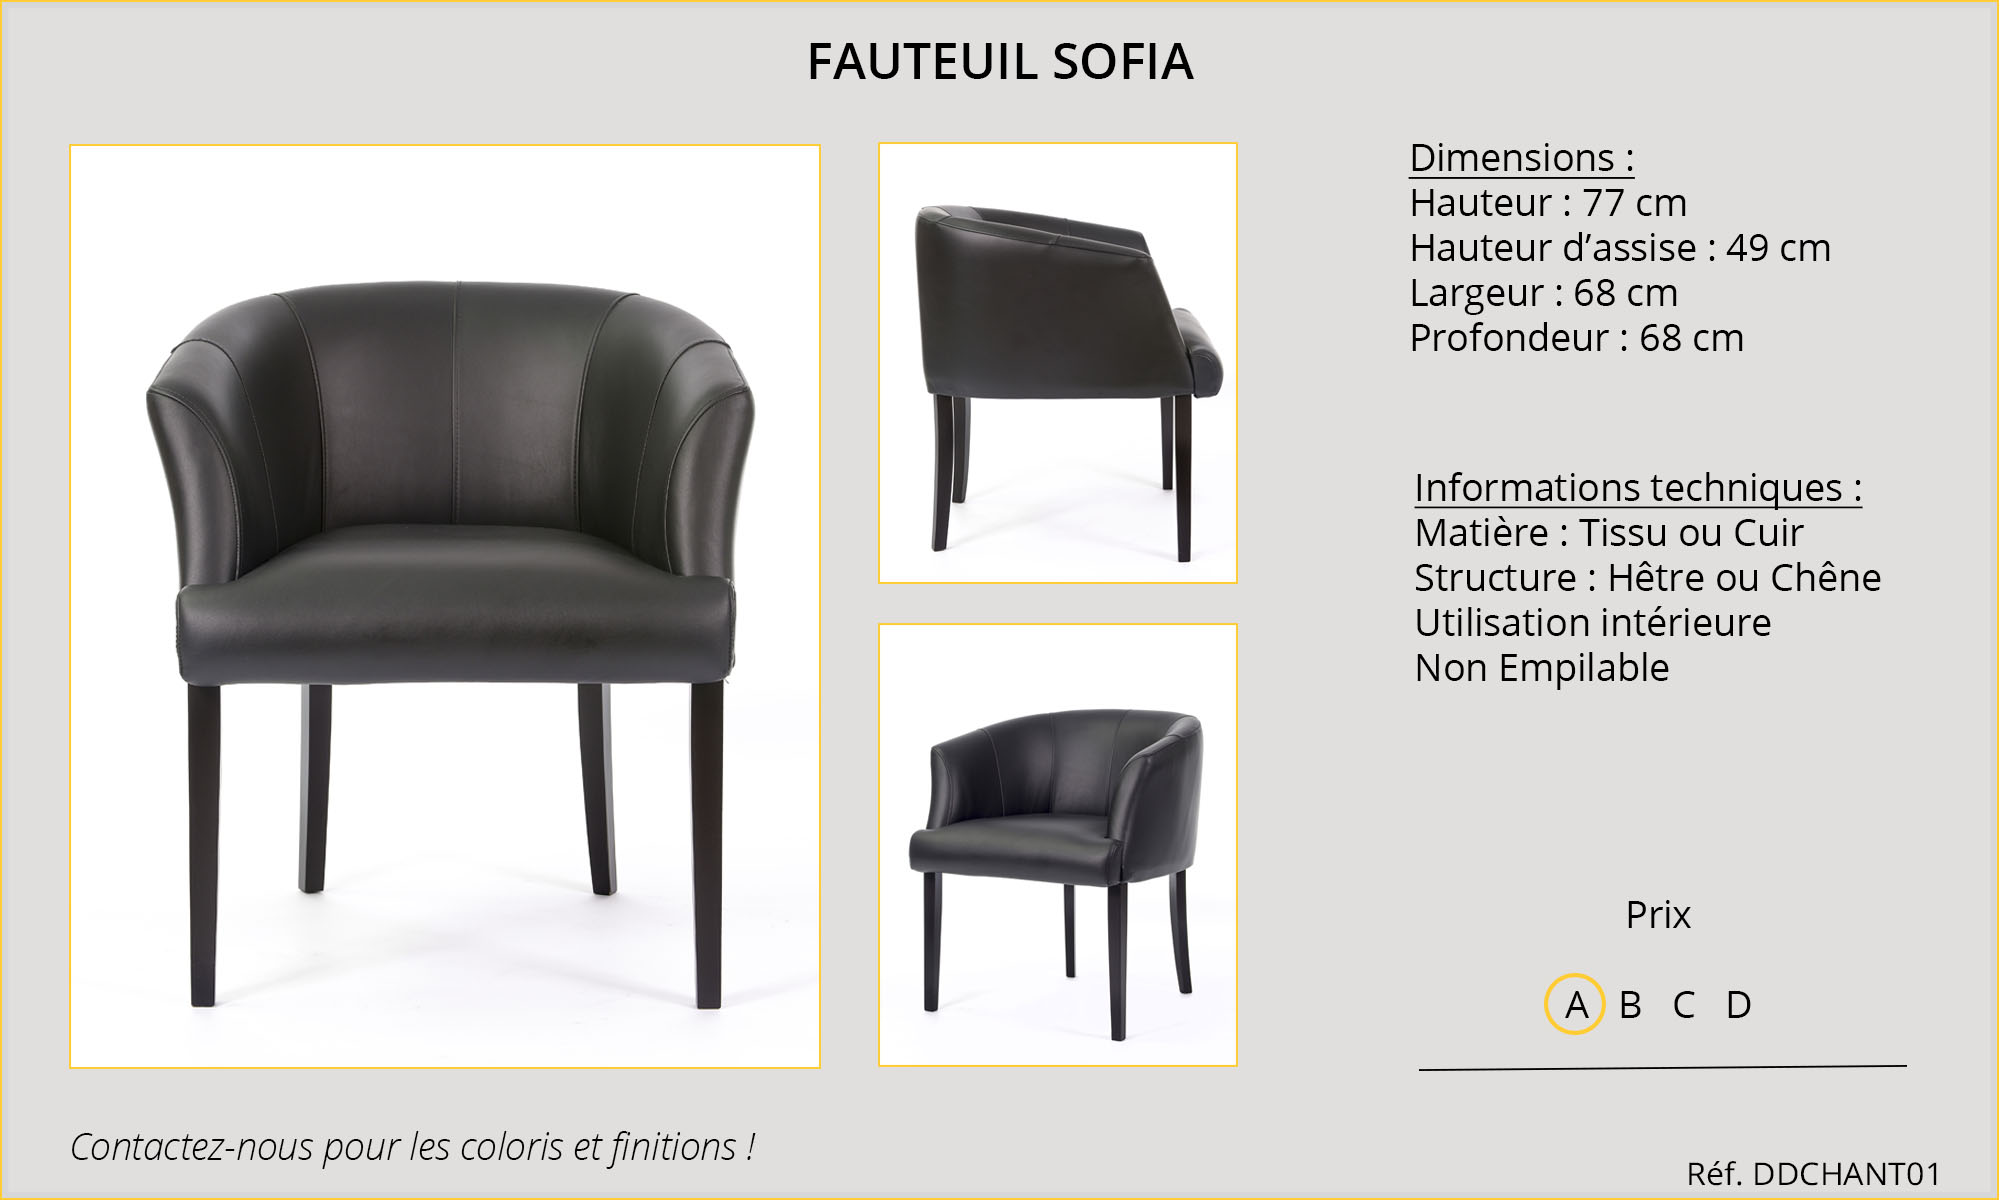 Rideaux Hôtels Restaurants fauteuil Sofia